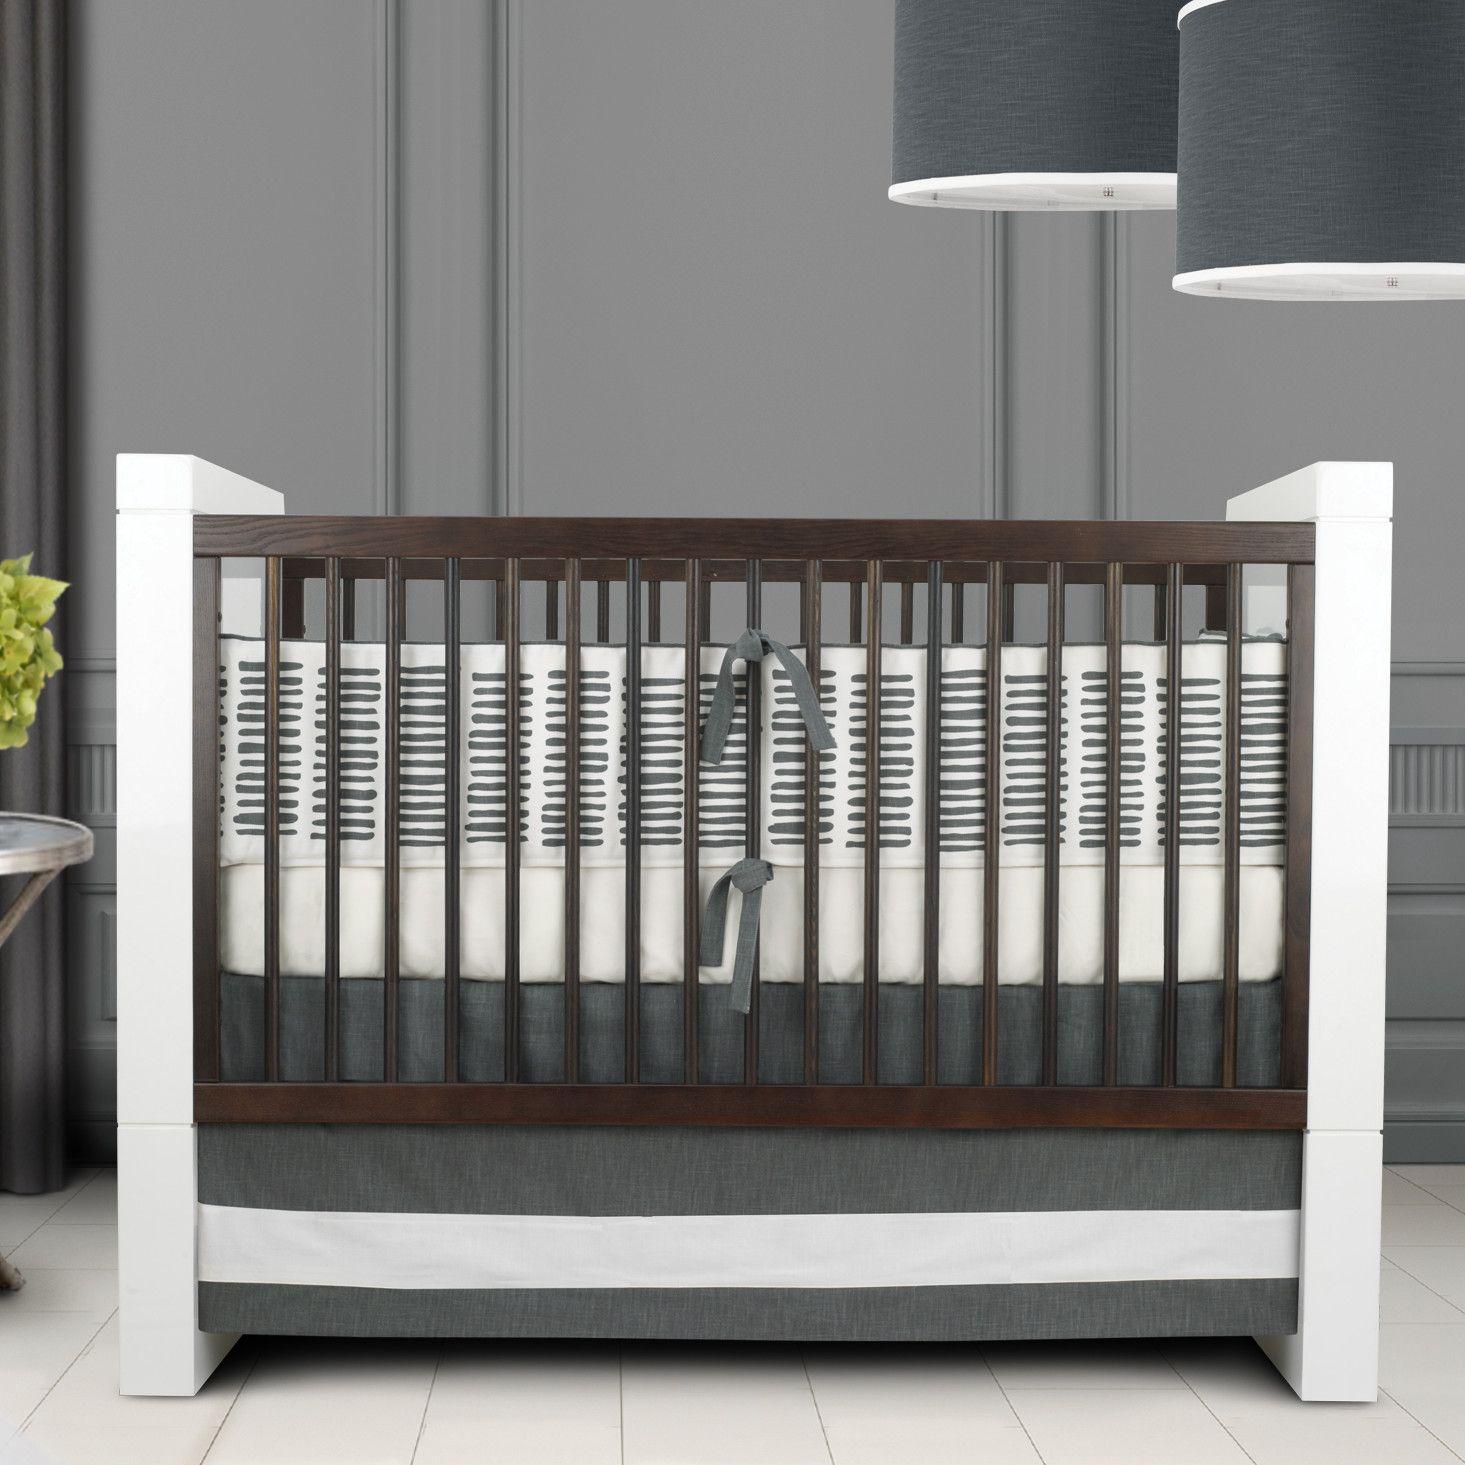 oilo sticks piece crib bedding set  allmodern  nursery ideas  - oilo sticks piece crib bedding set  allmodern